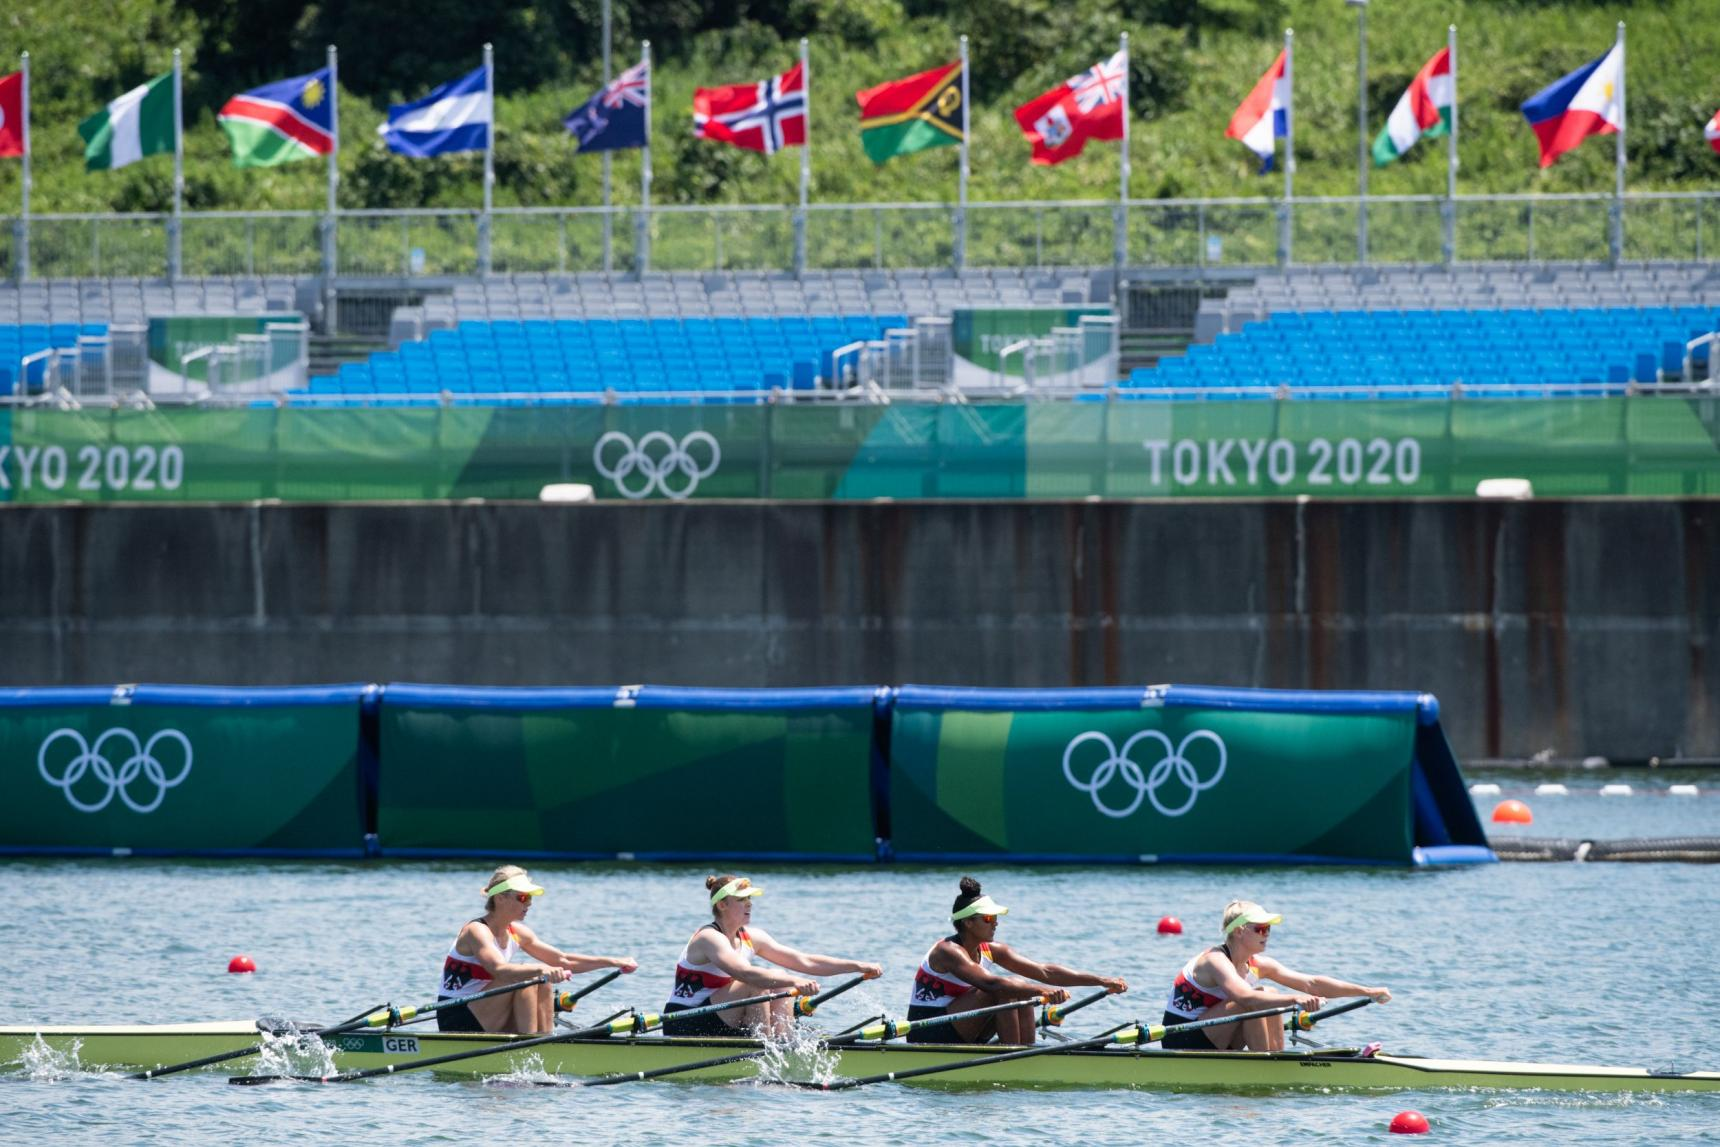 Vier Frauen in einem gelben Ruderboot vor einer leeren Zuschauertribüne mit Olympischen Ringen Tokyo 2020 und vielen Länderfahnen